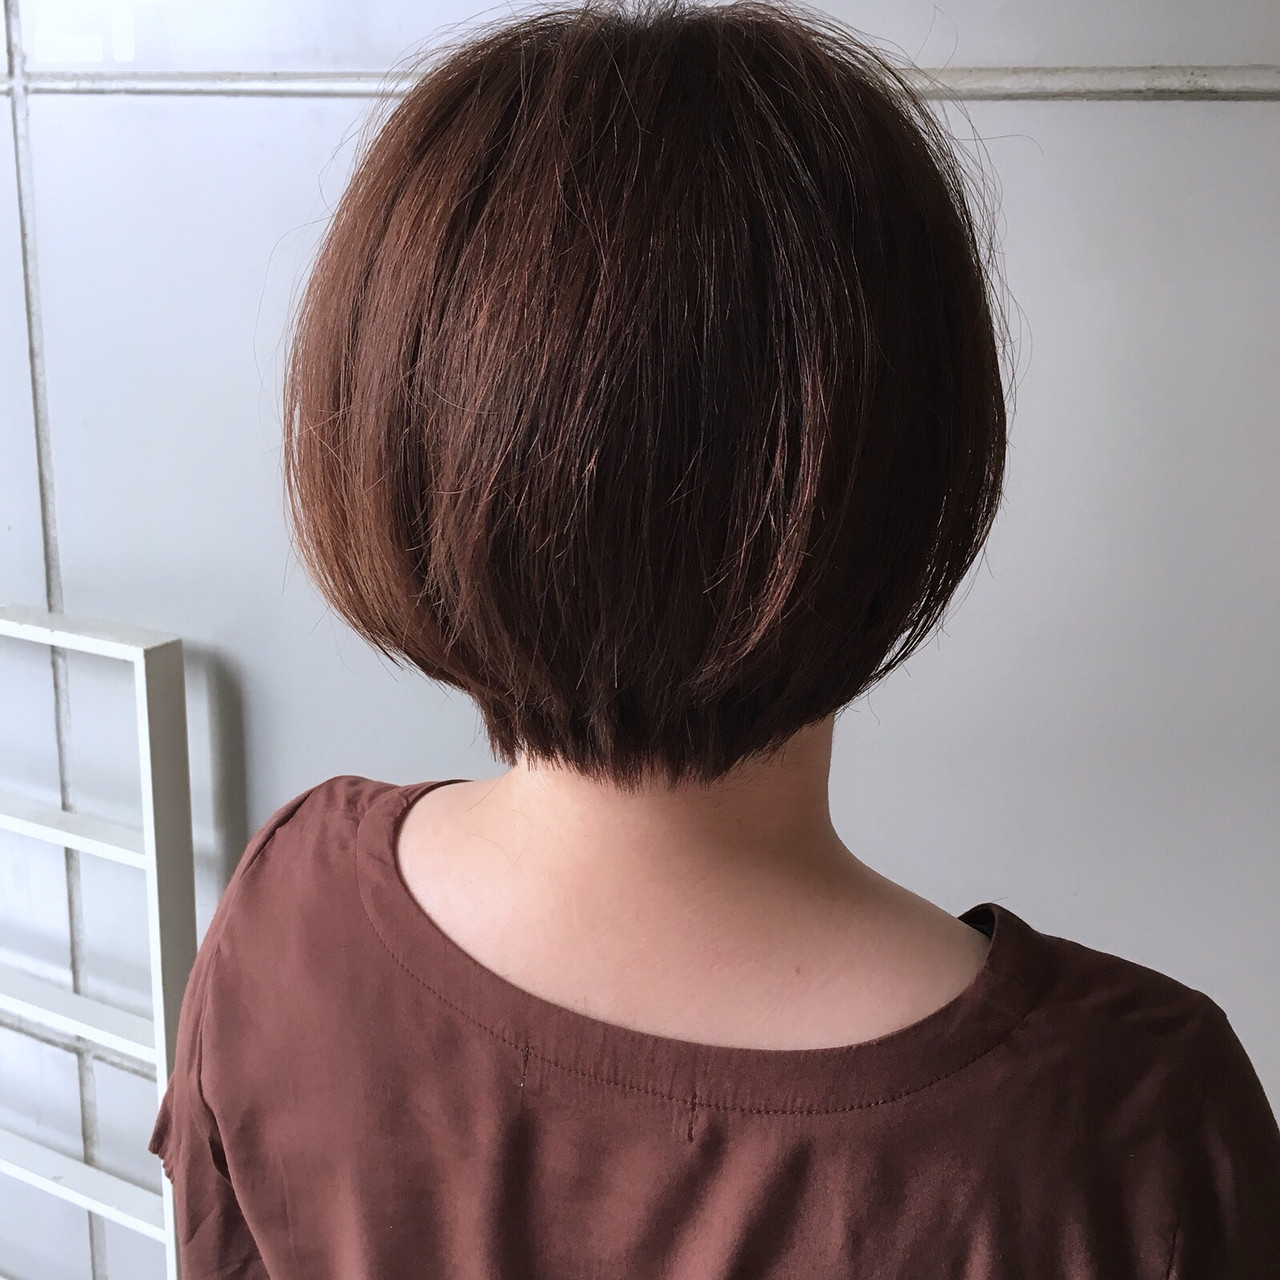 ナチュラル ピンクブラウン ショート ショートボブ ヘアスタイルや髪型の写真・画像 | Yumi Hiramatsu / Sourire Imaizumi【スーリール イマイズミ】